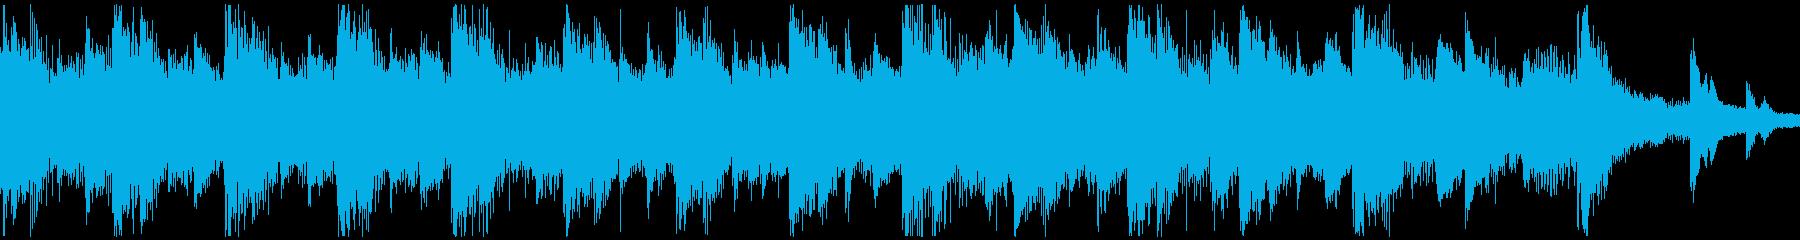 <ショートループ> ピアノ⑥+ビートAの再生済みの波形